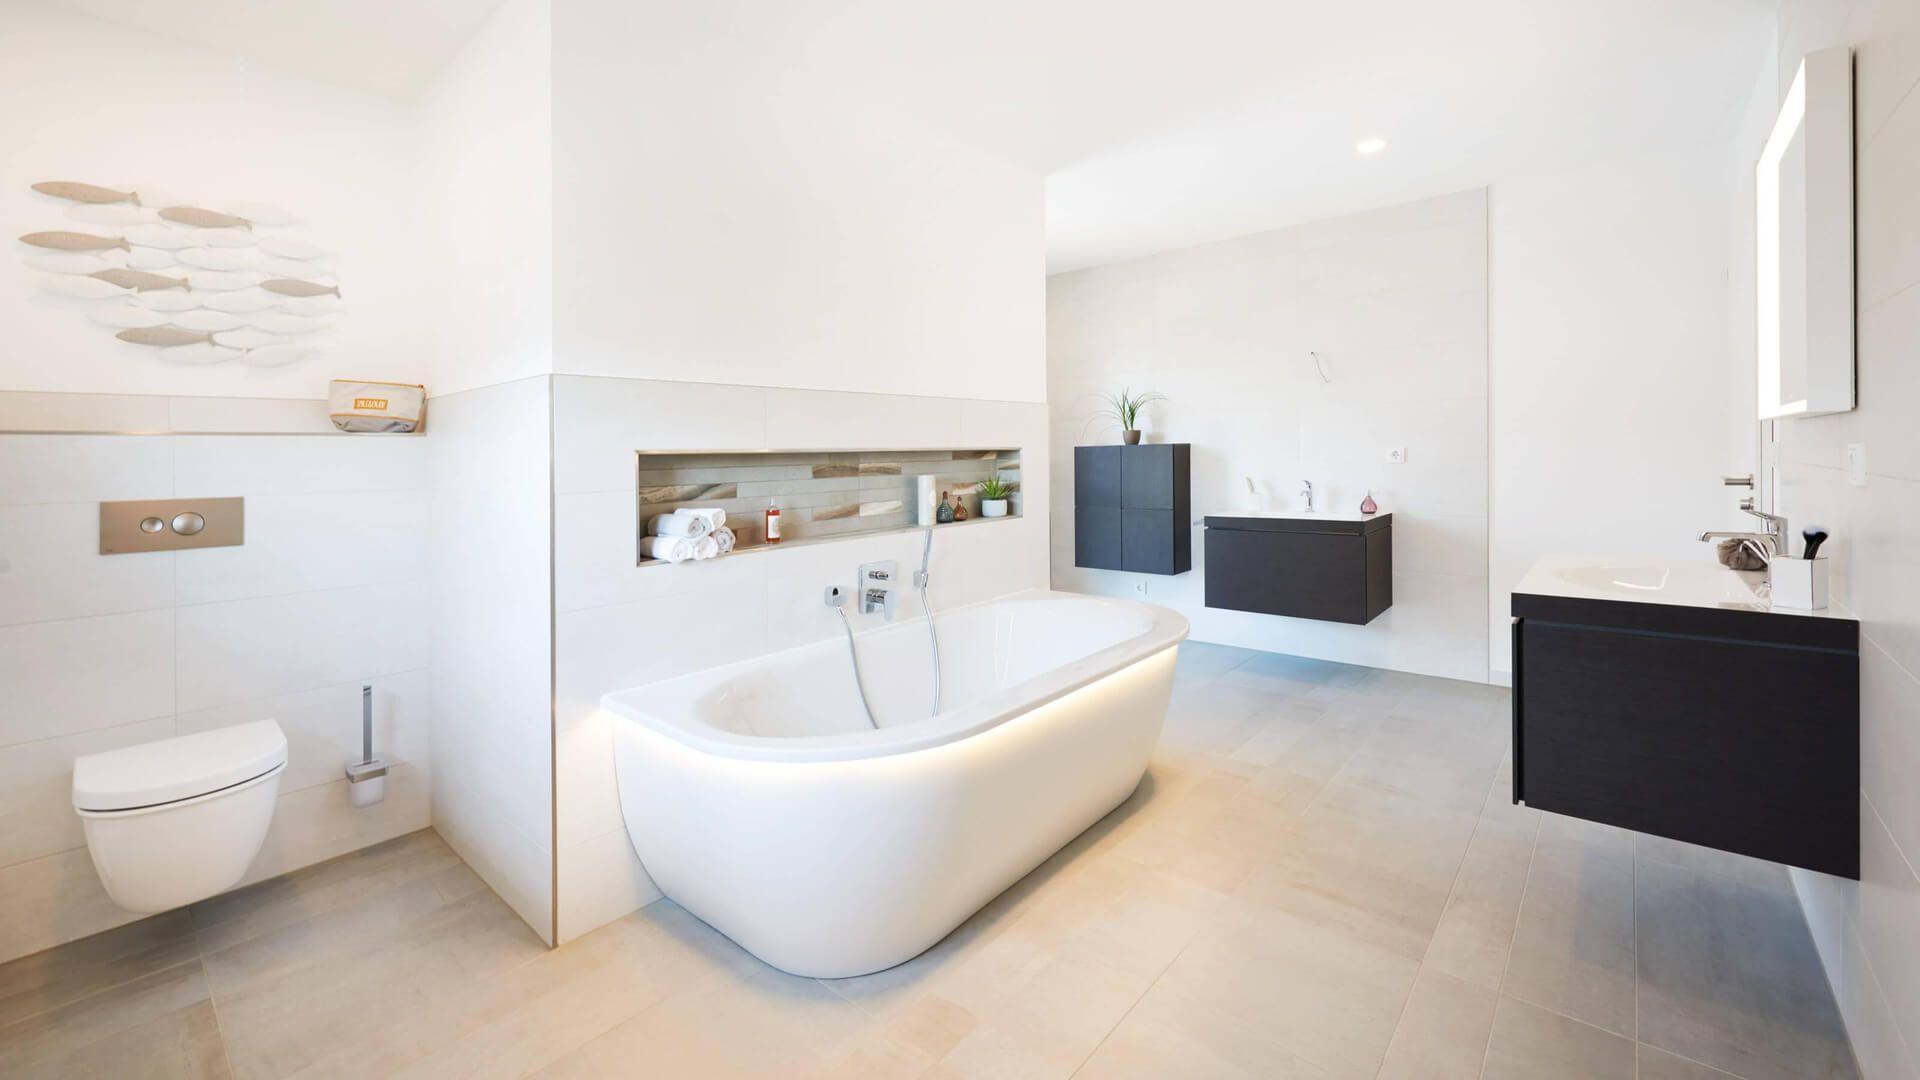 Badezimmermöbel grau ~ Badezimmer mit badewanne graue bodenfliesen schwarze